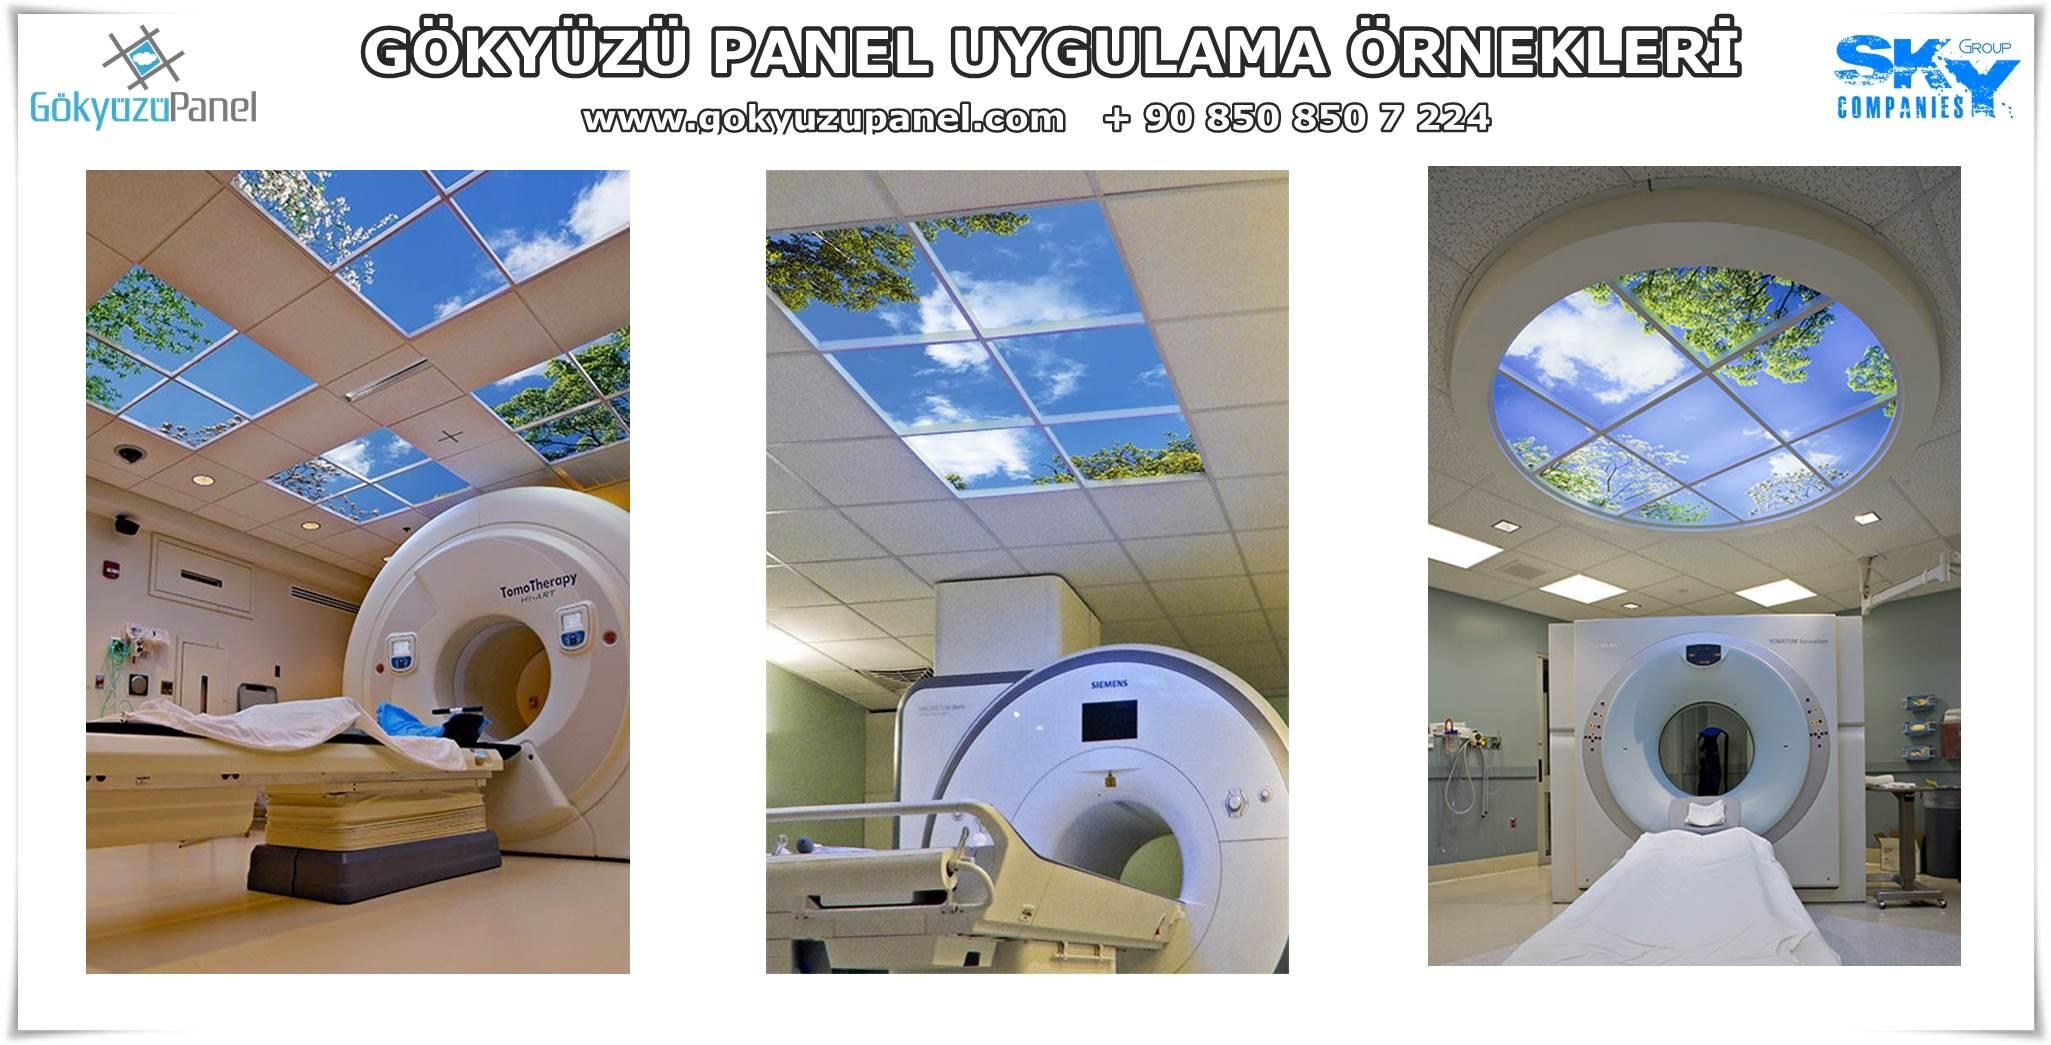 Gökyüzü Panel Uygulama Örnekleri 10